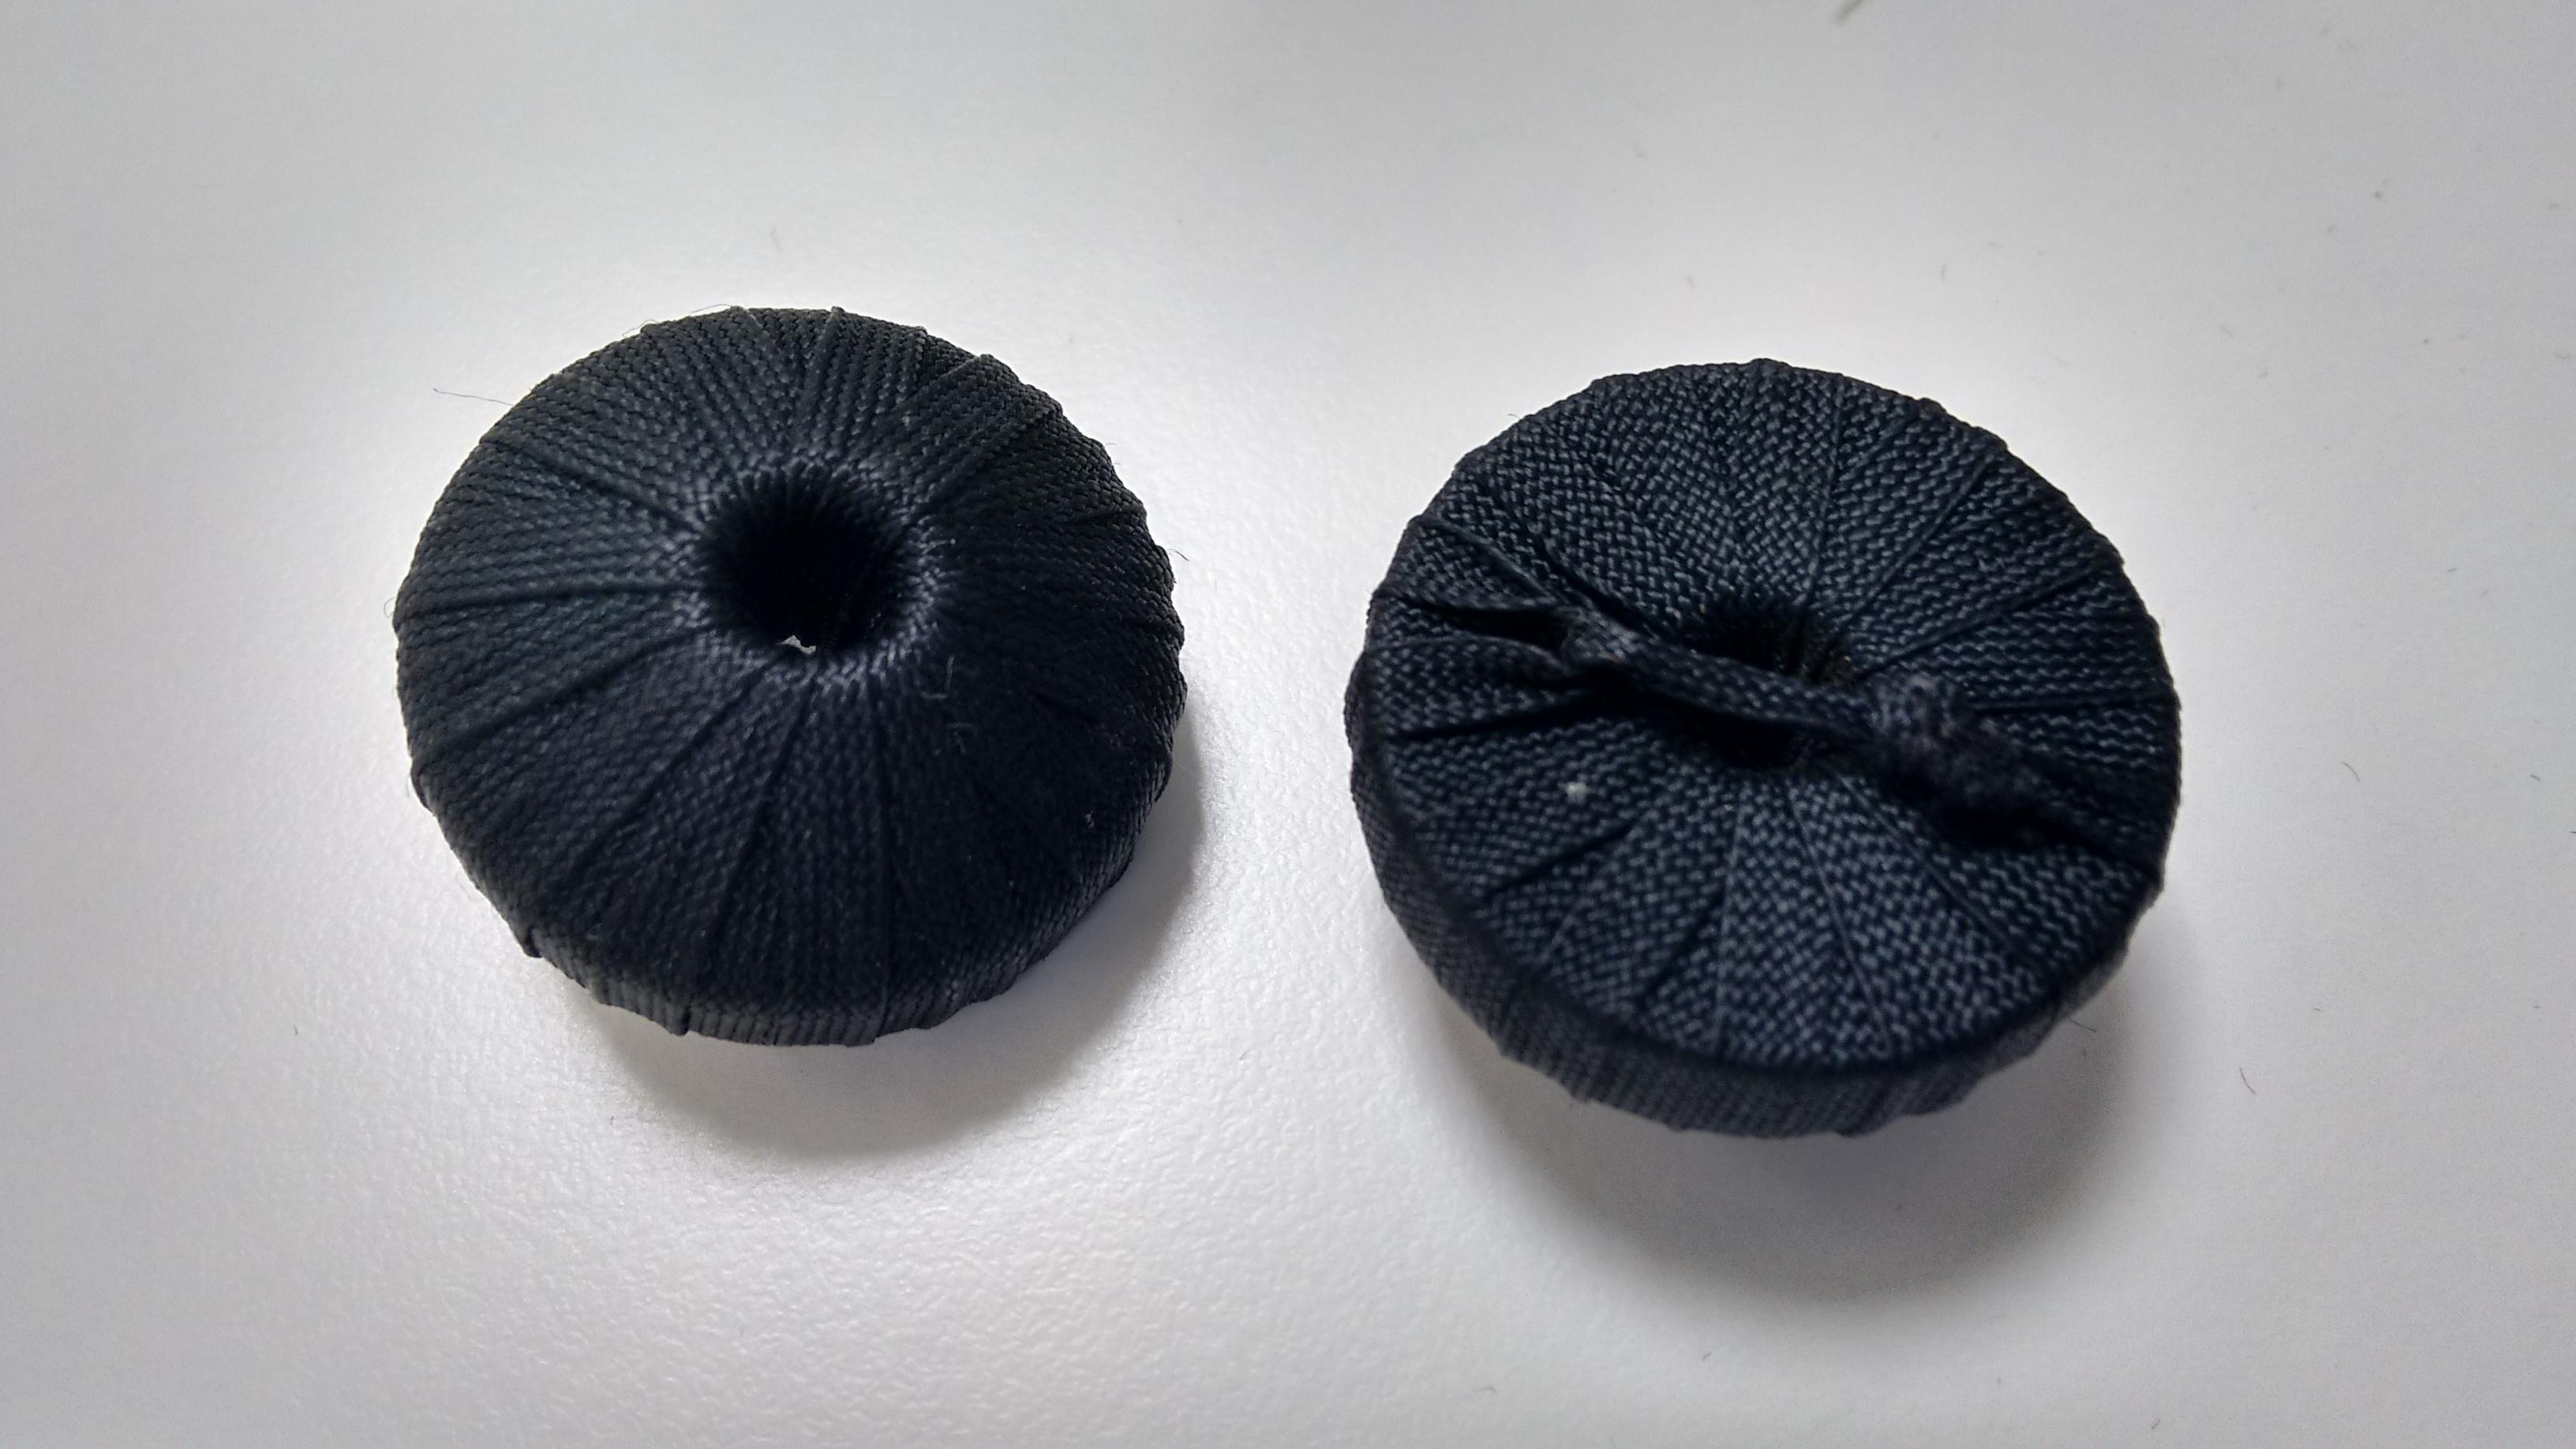 Botones redondos forrados de cinta negra.